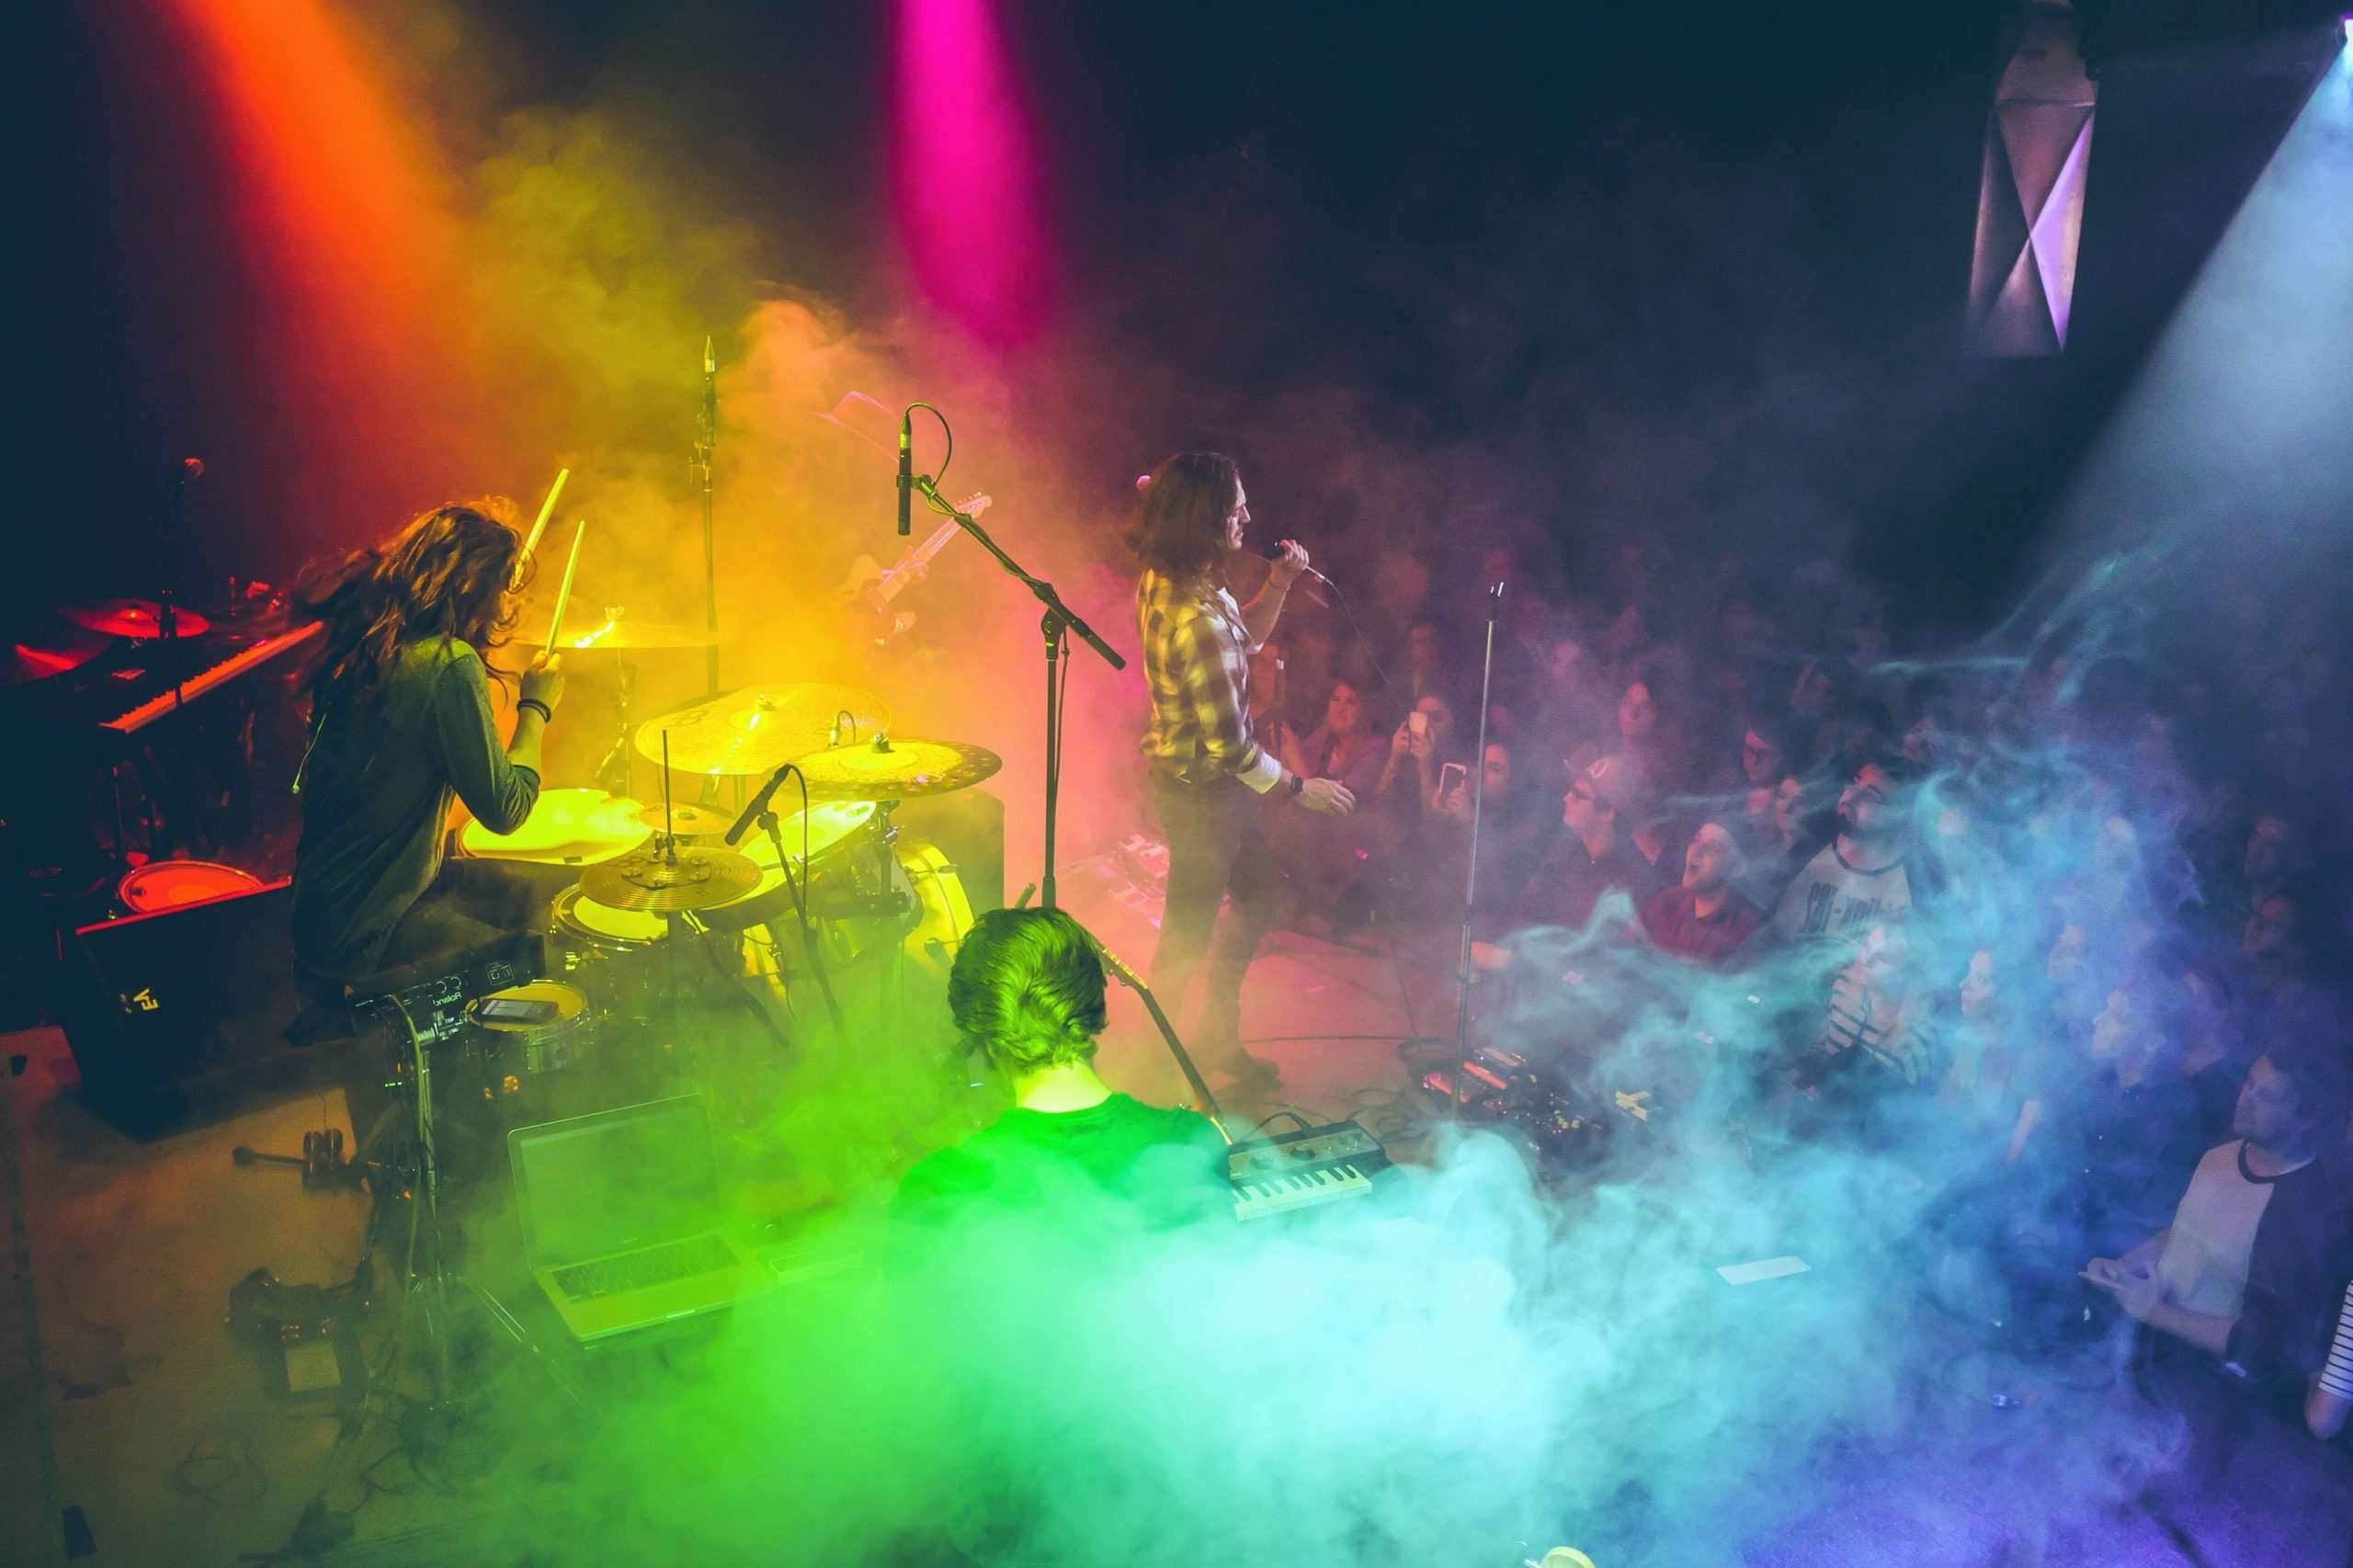 lighting band